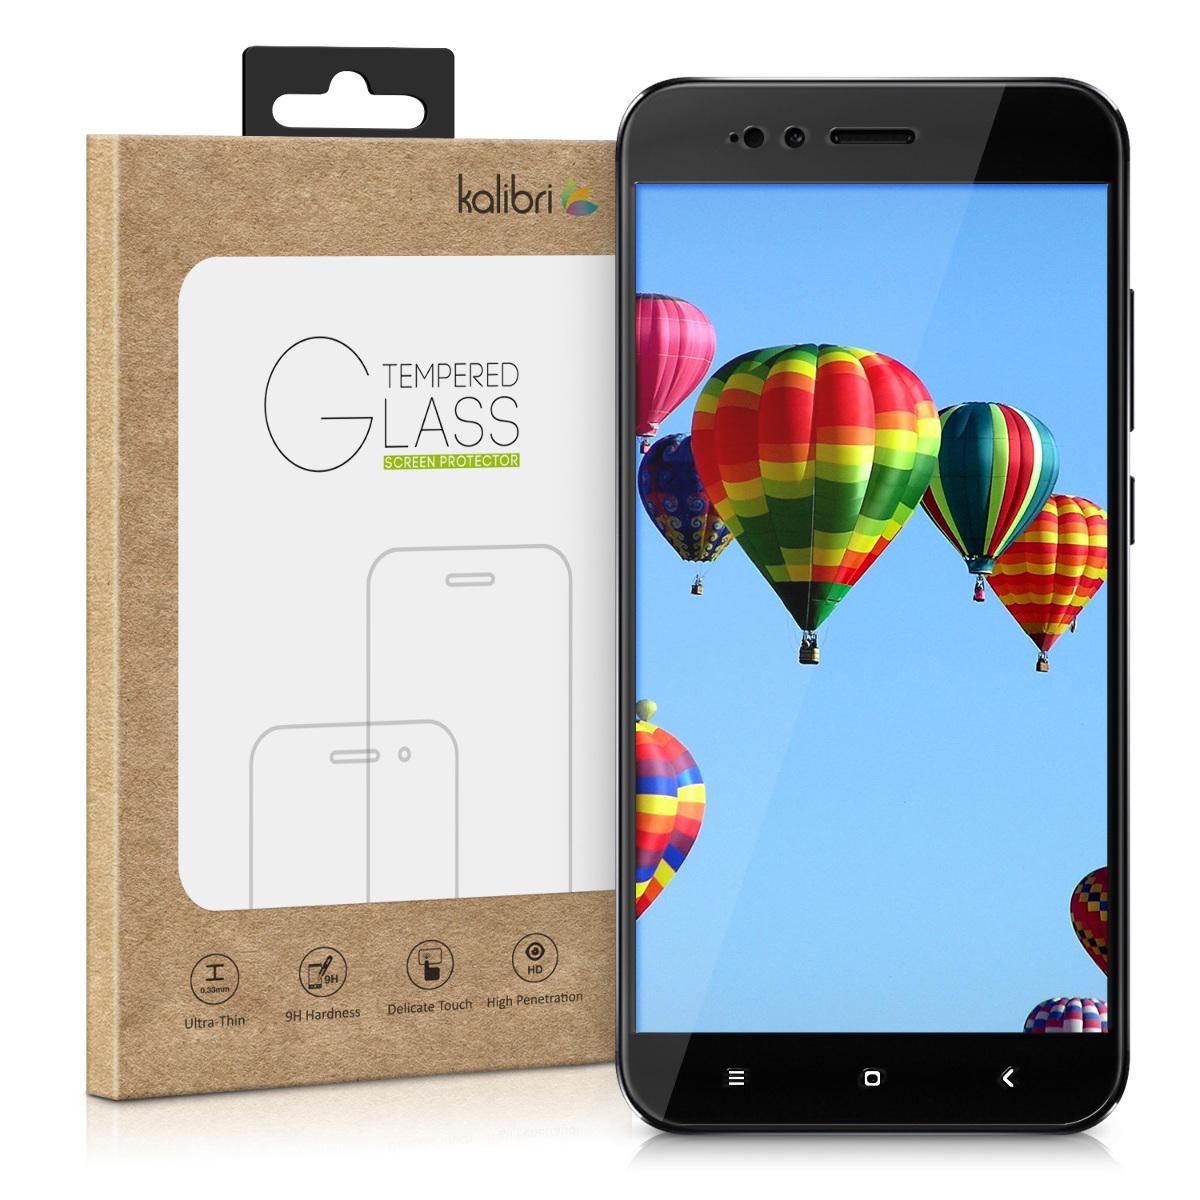 Kalibri Tempered Glass - Fullface Αντιχαρακτικό Γυαλί Οθόνης Xiaomi Mi 5X / Mi A1 - Black (44466.01)